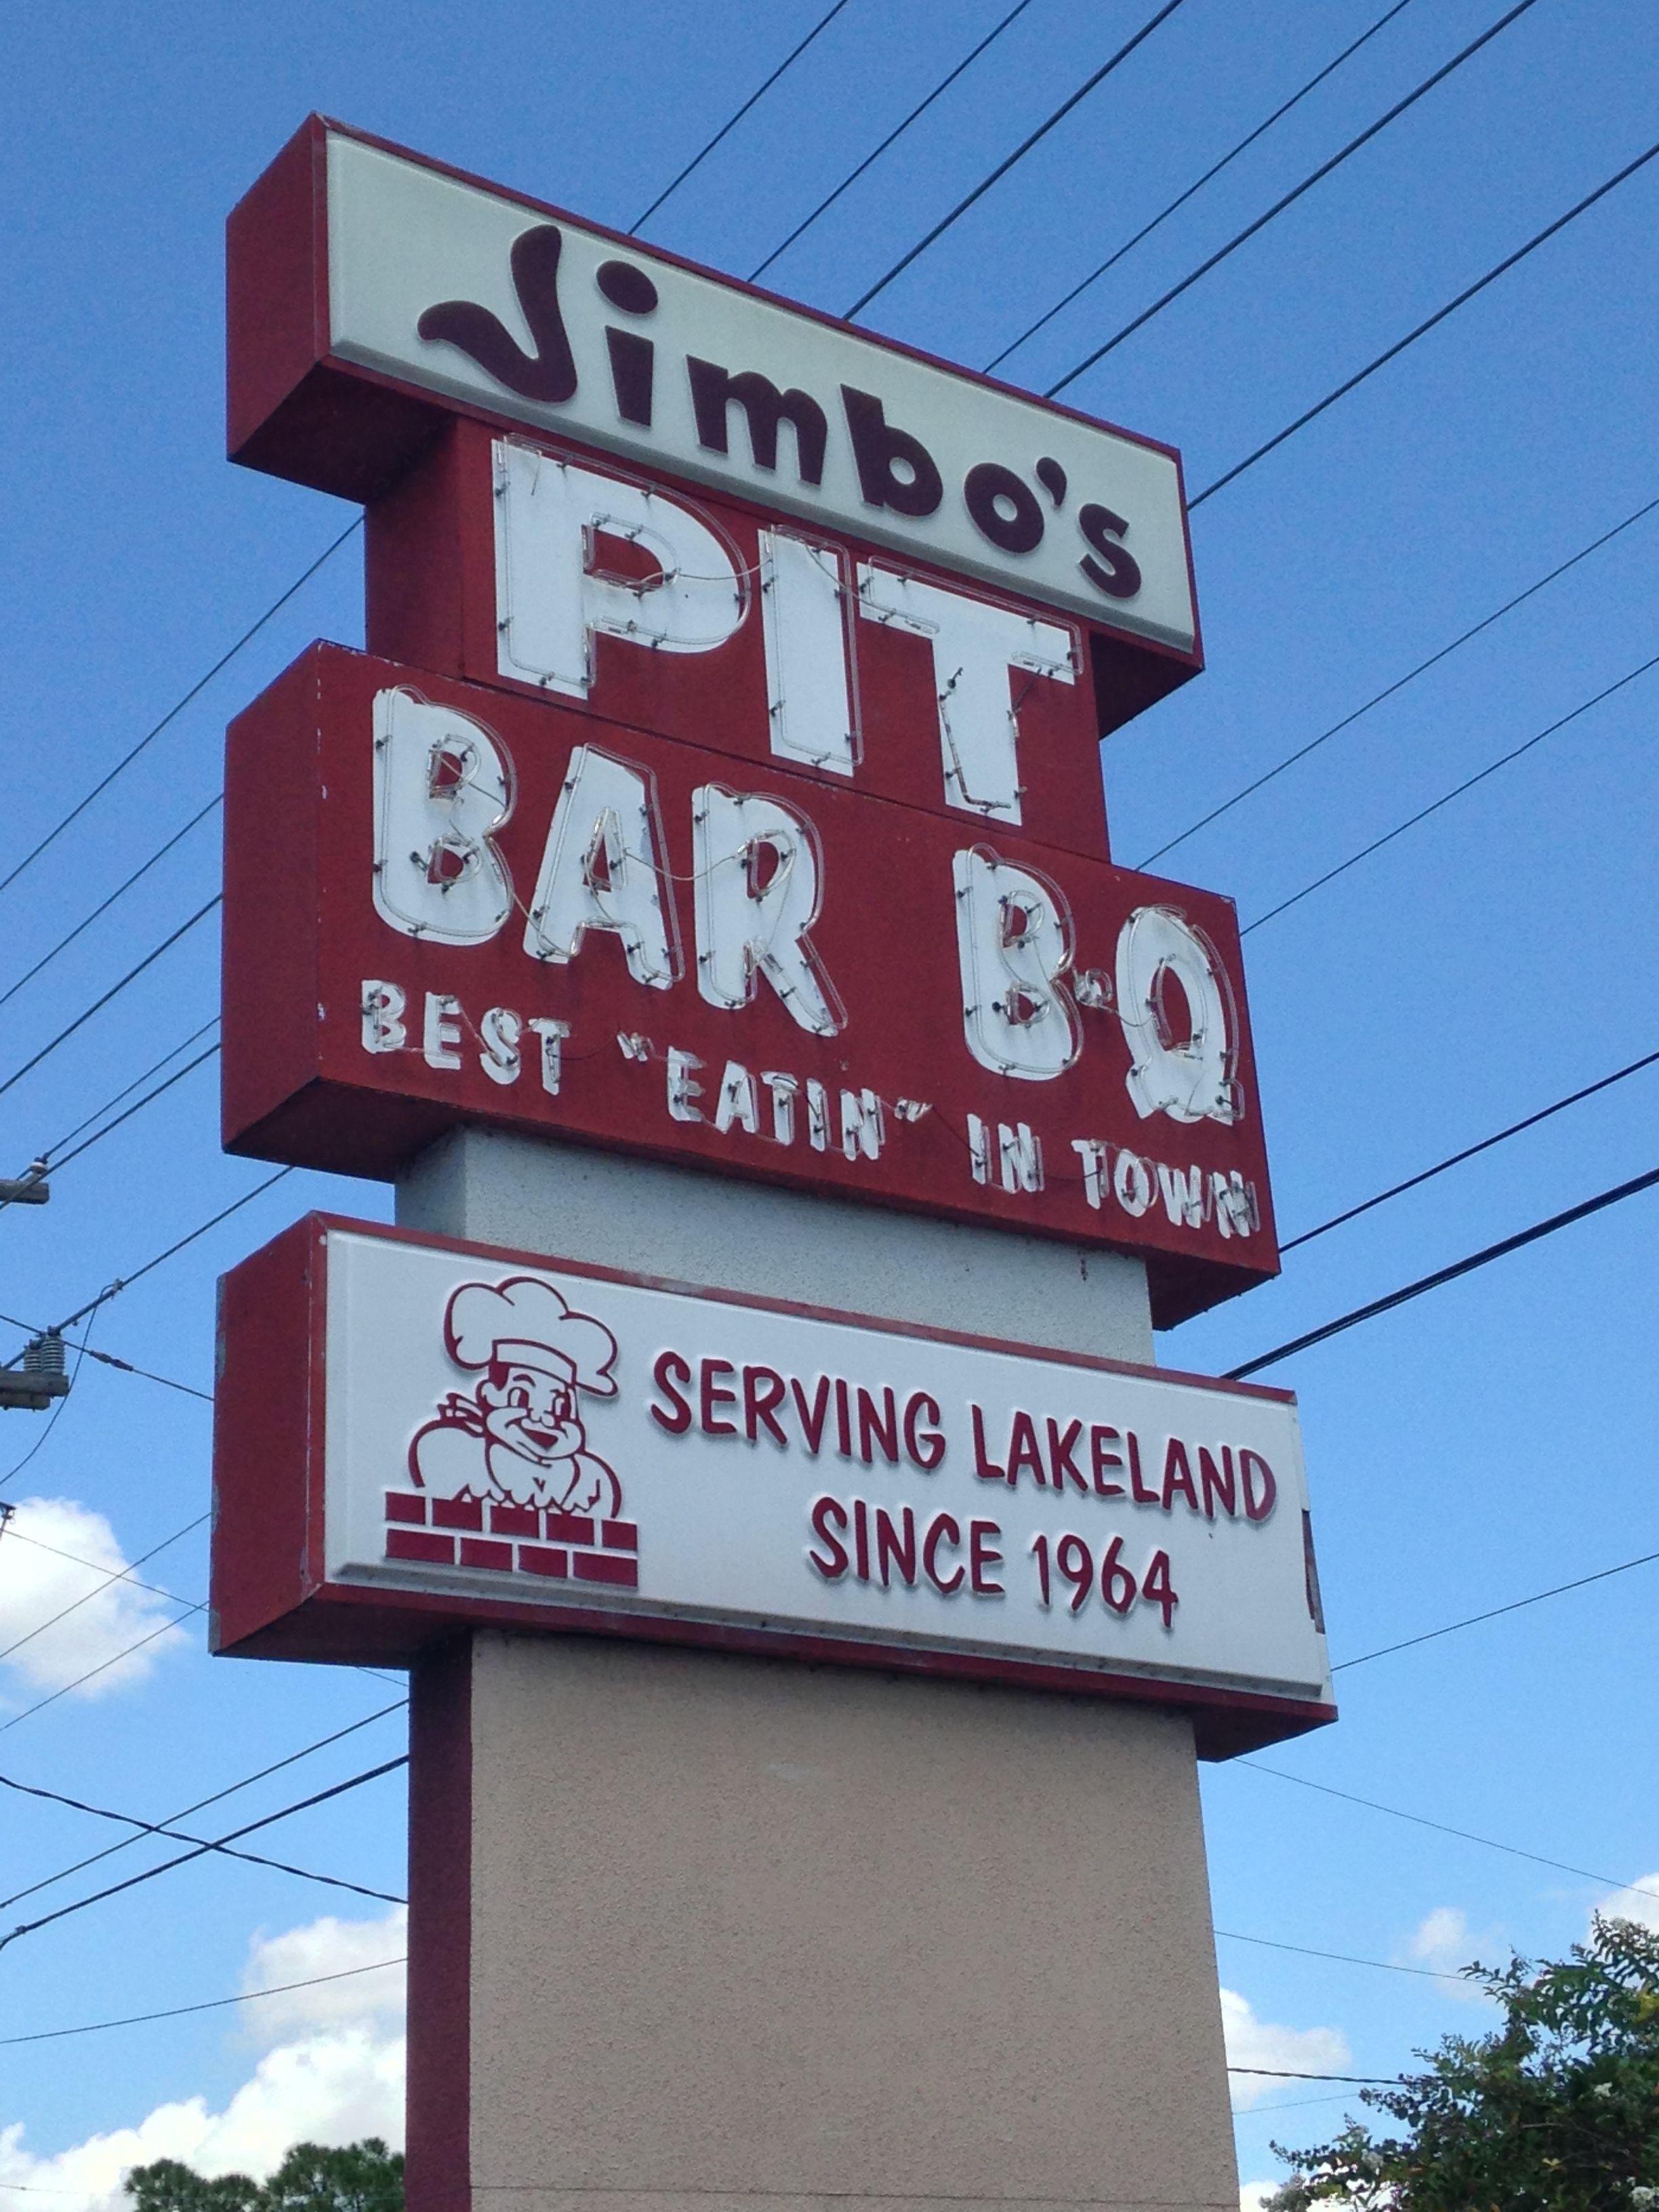 Jimbo's Pit Bar BQ has been serving Lakeland great